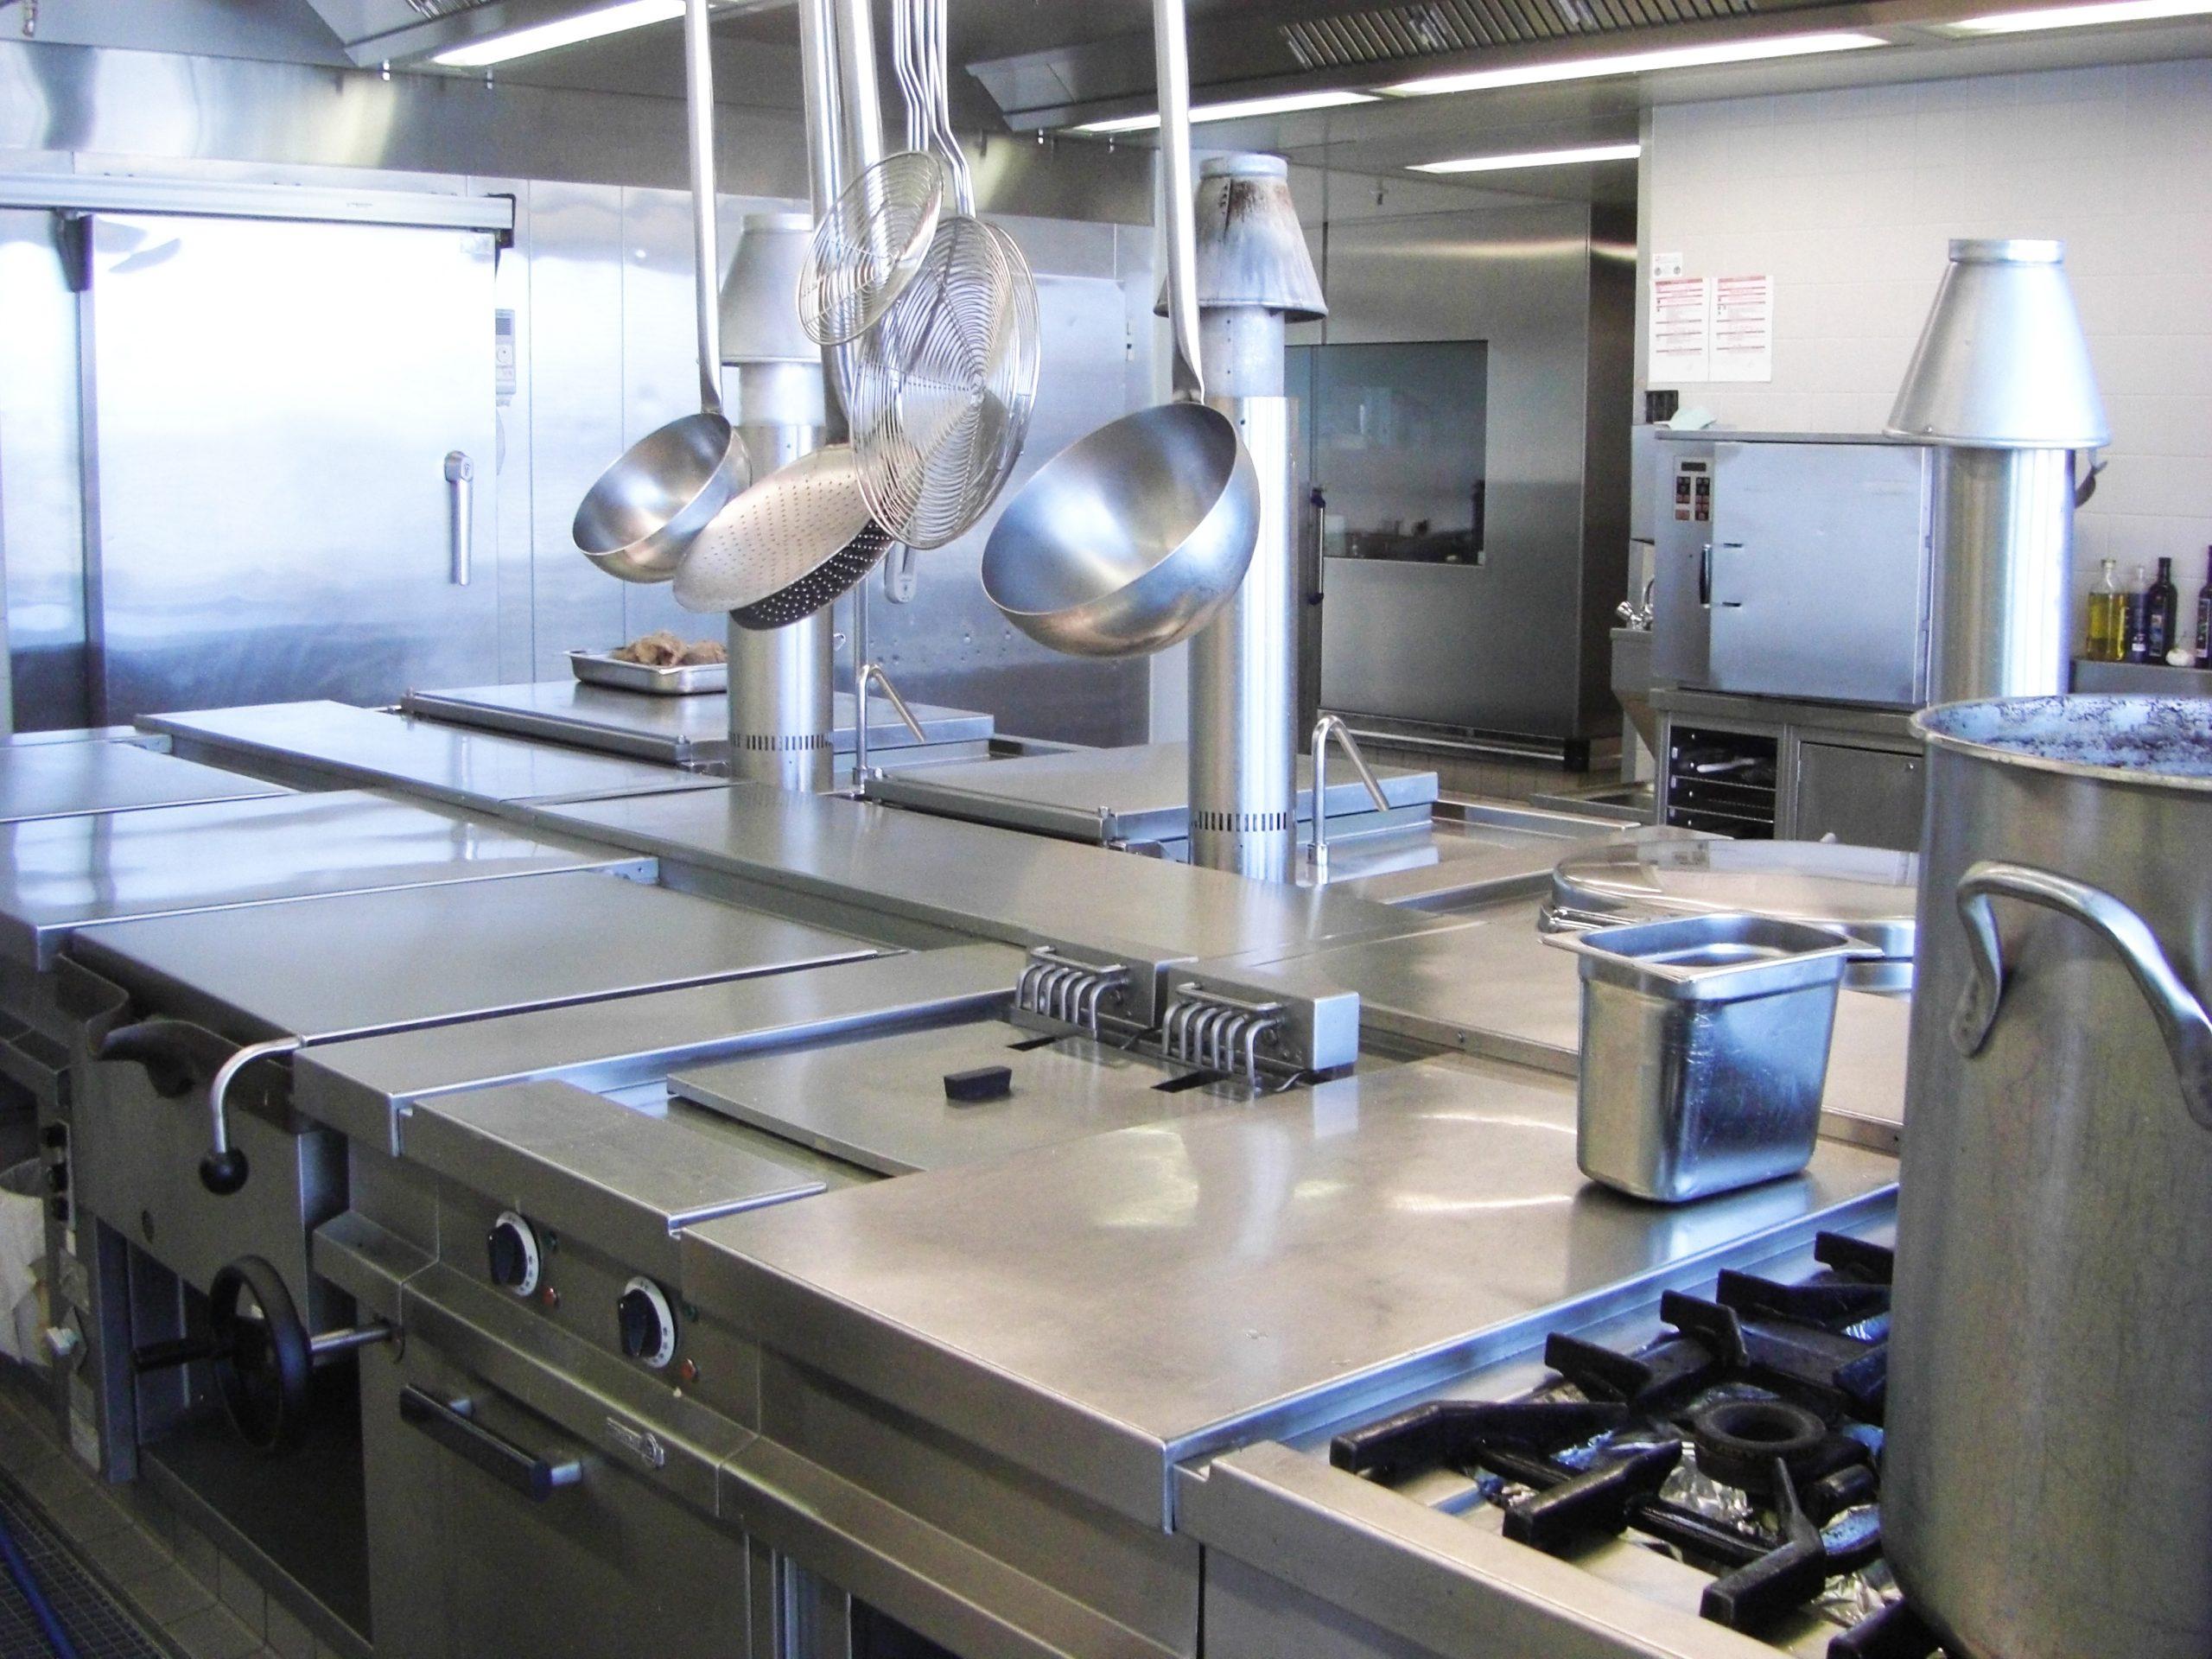 Full Size of Industrie Küche Kaufen Industrie Küche Lüftung Gleichzeitigkeitsfaktor Industrie Küche Beleuchtung Industrie Küche Küche Industrie Küche